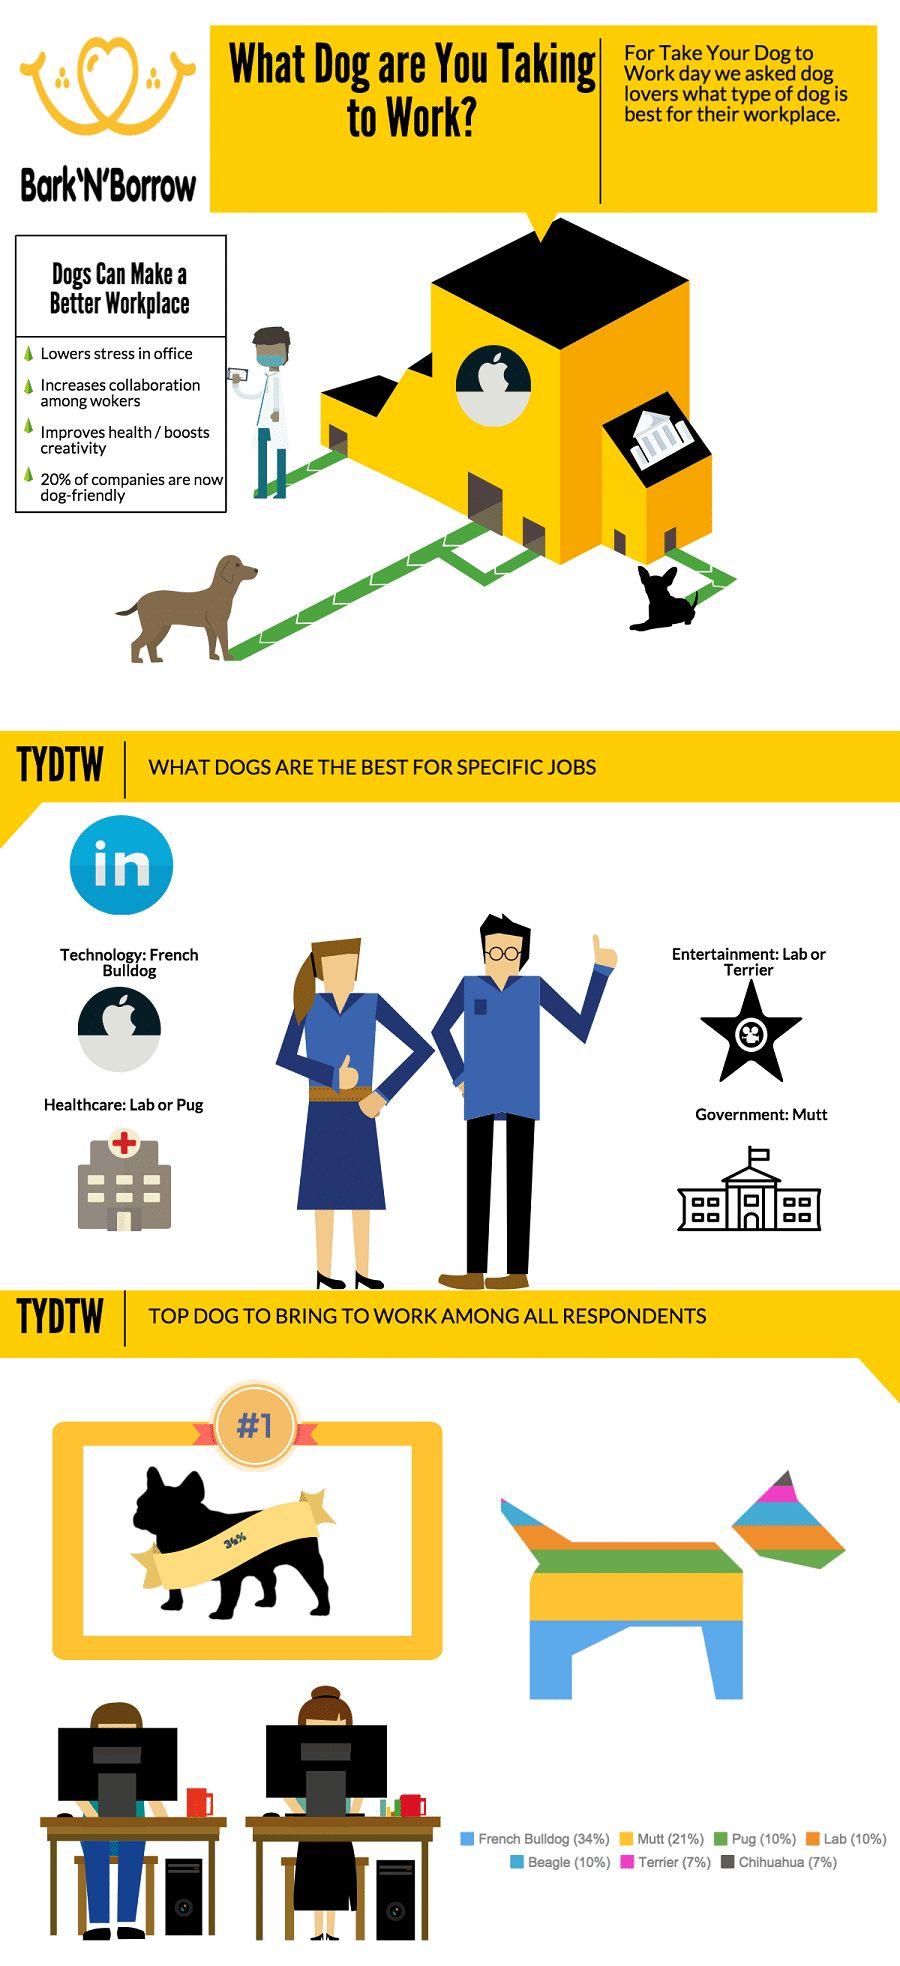 Traer a su perro al trabajo